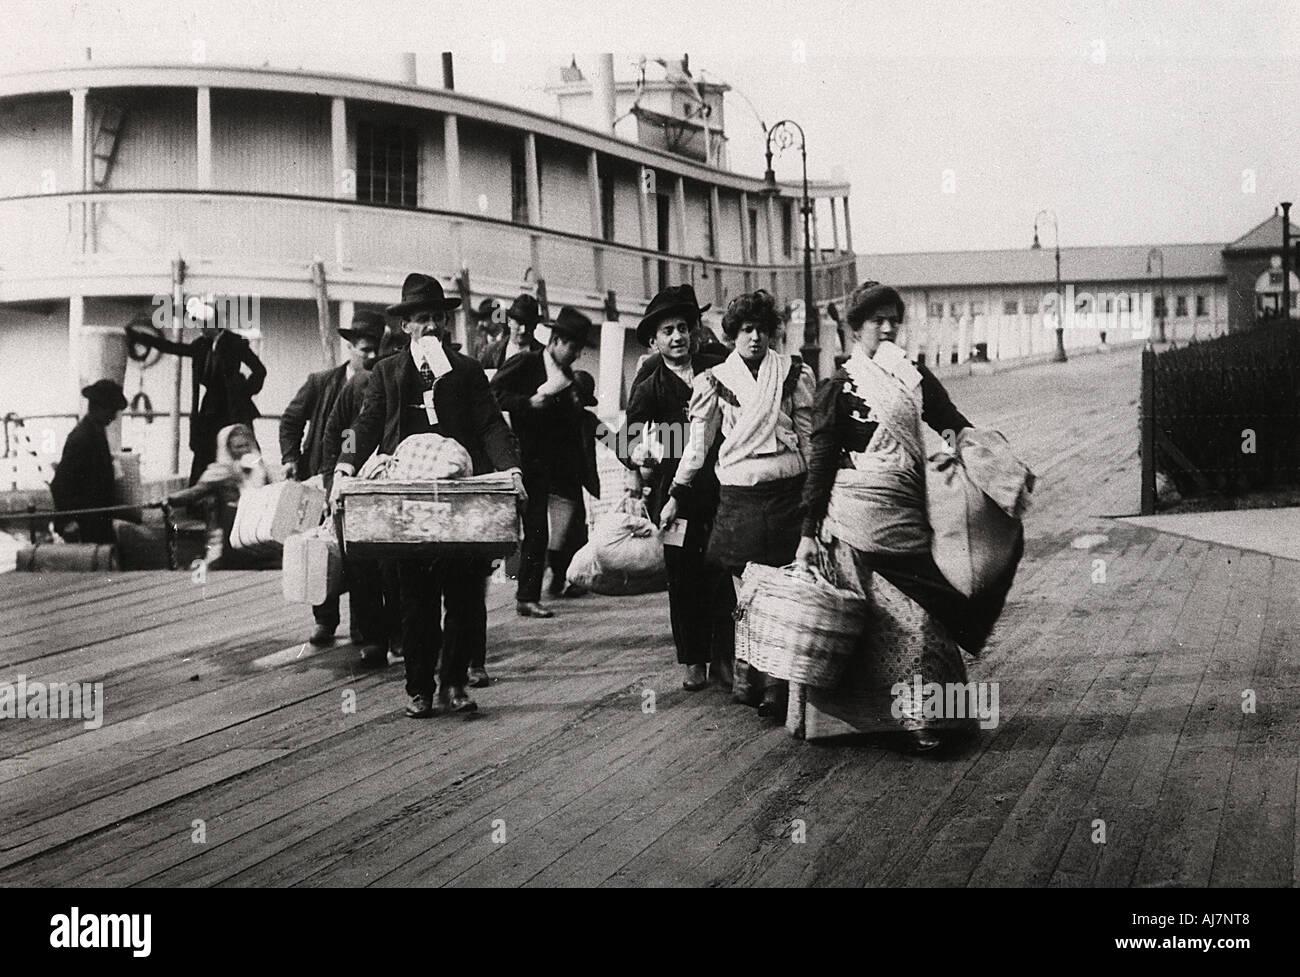 Los inmigrantes a los EE.UU. Desembarque en Ellis Island, Nueva York, el c1900. Artista: Desconocido Foto de stock